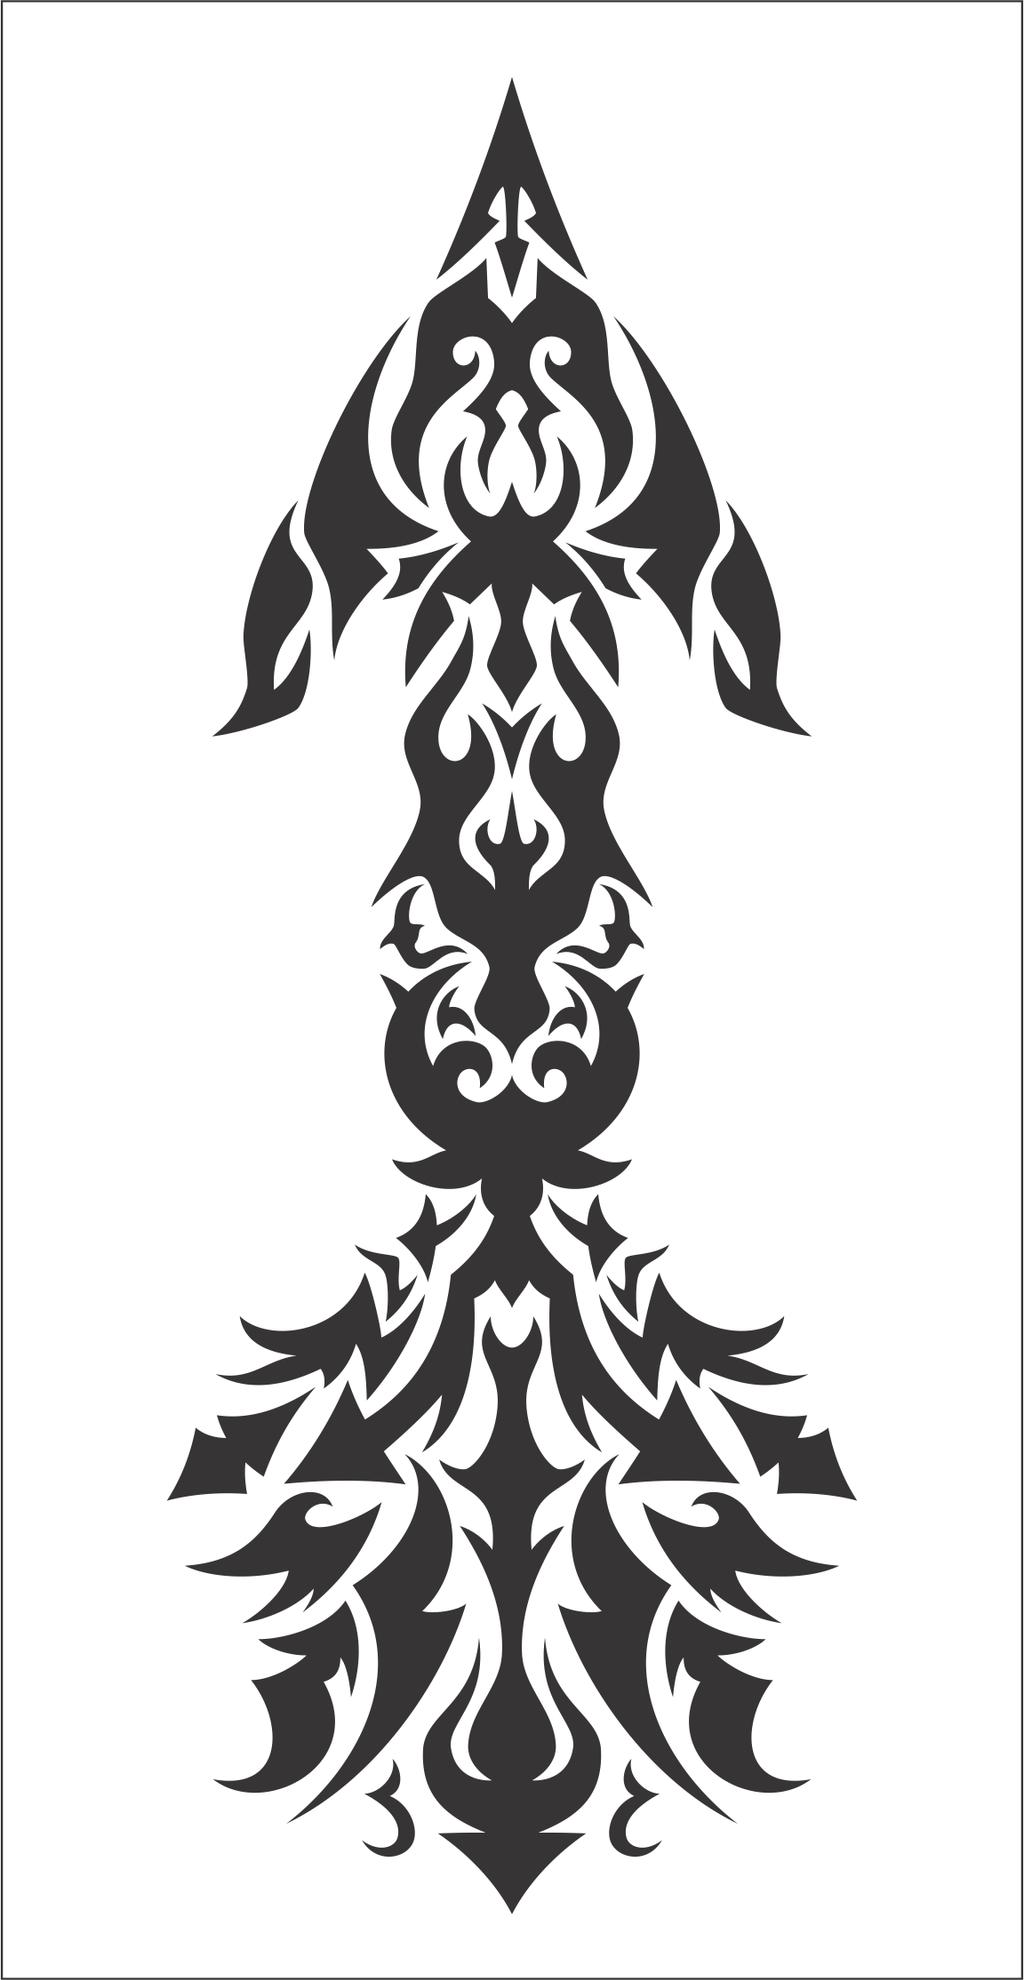 Tribal Design Arrows Tattoo